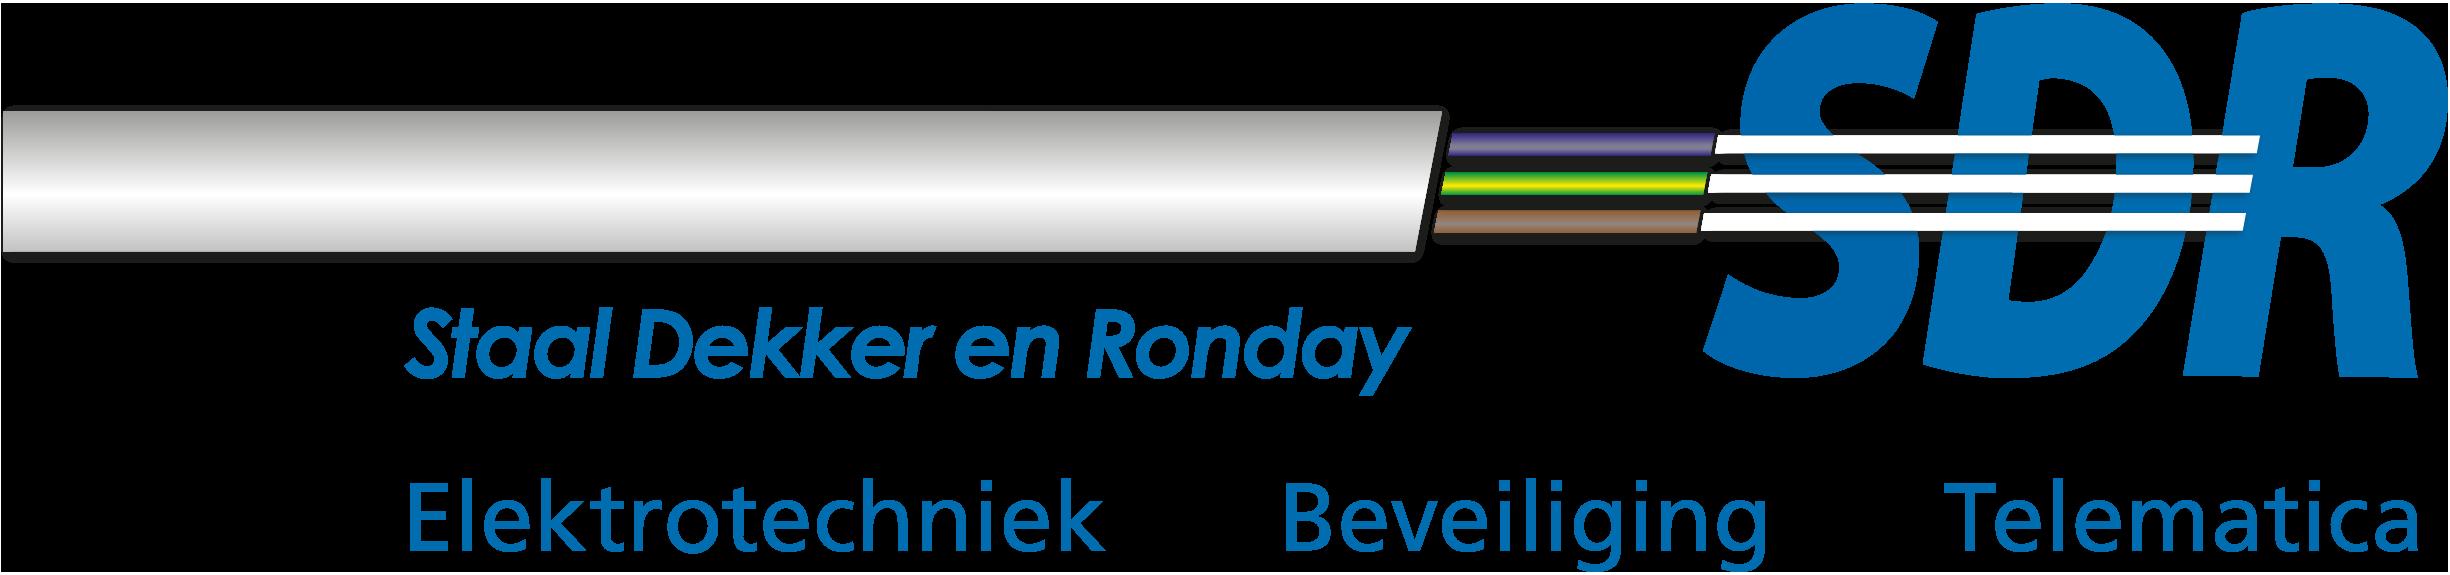 Logo SDR diensten_portrait_RGB